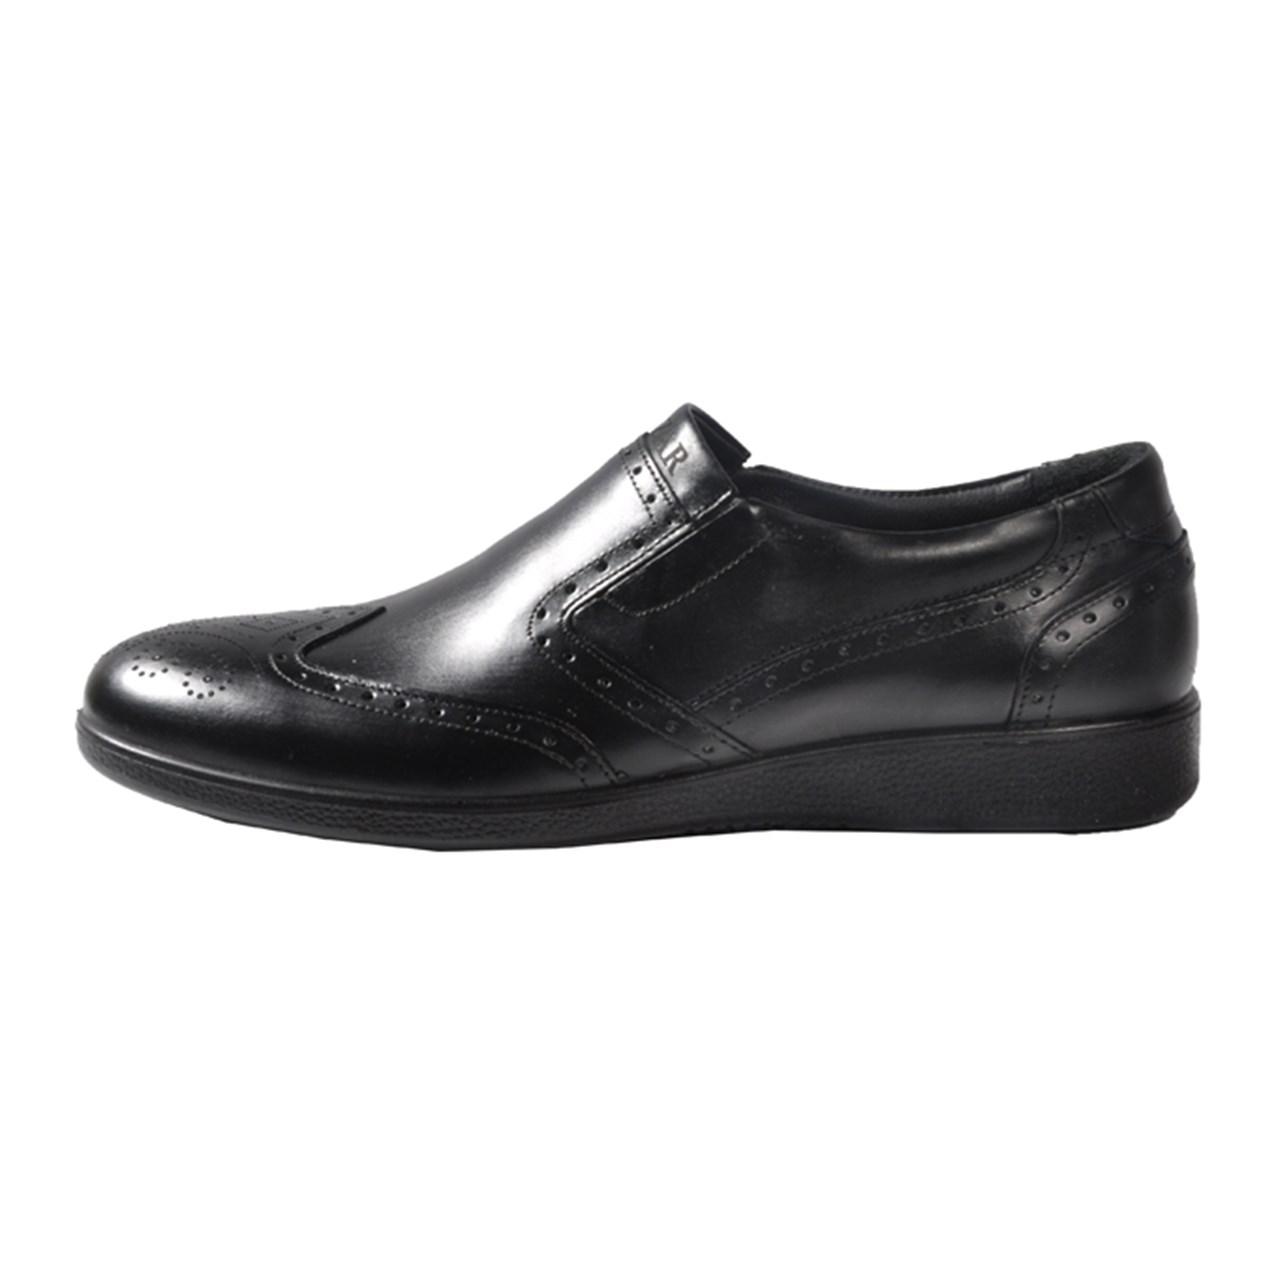 کفش چرم مردانه مهاجر مدل M38m